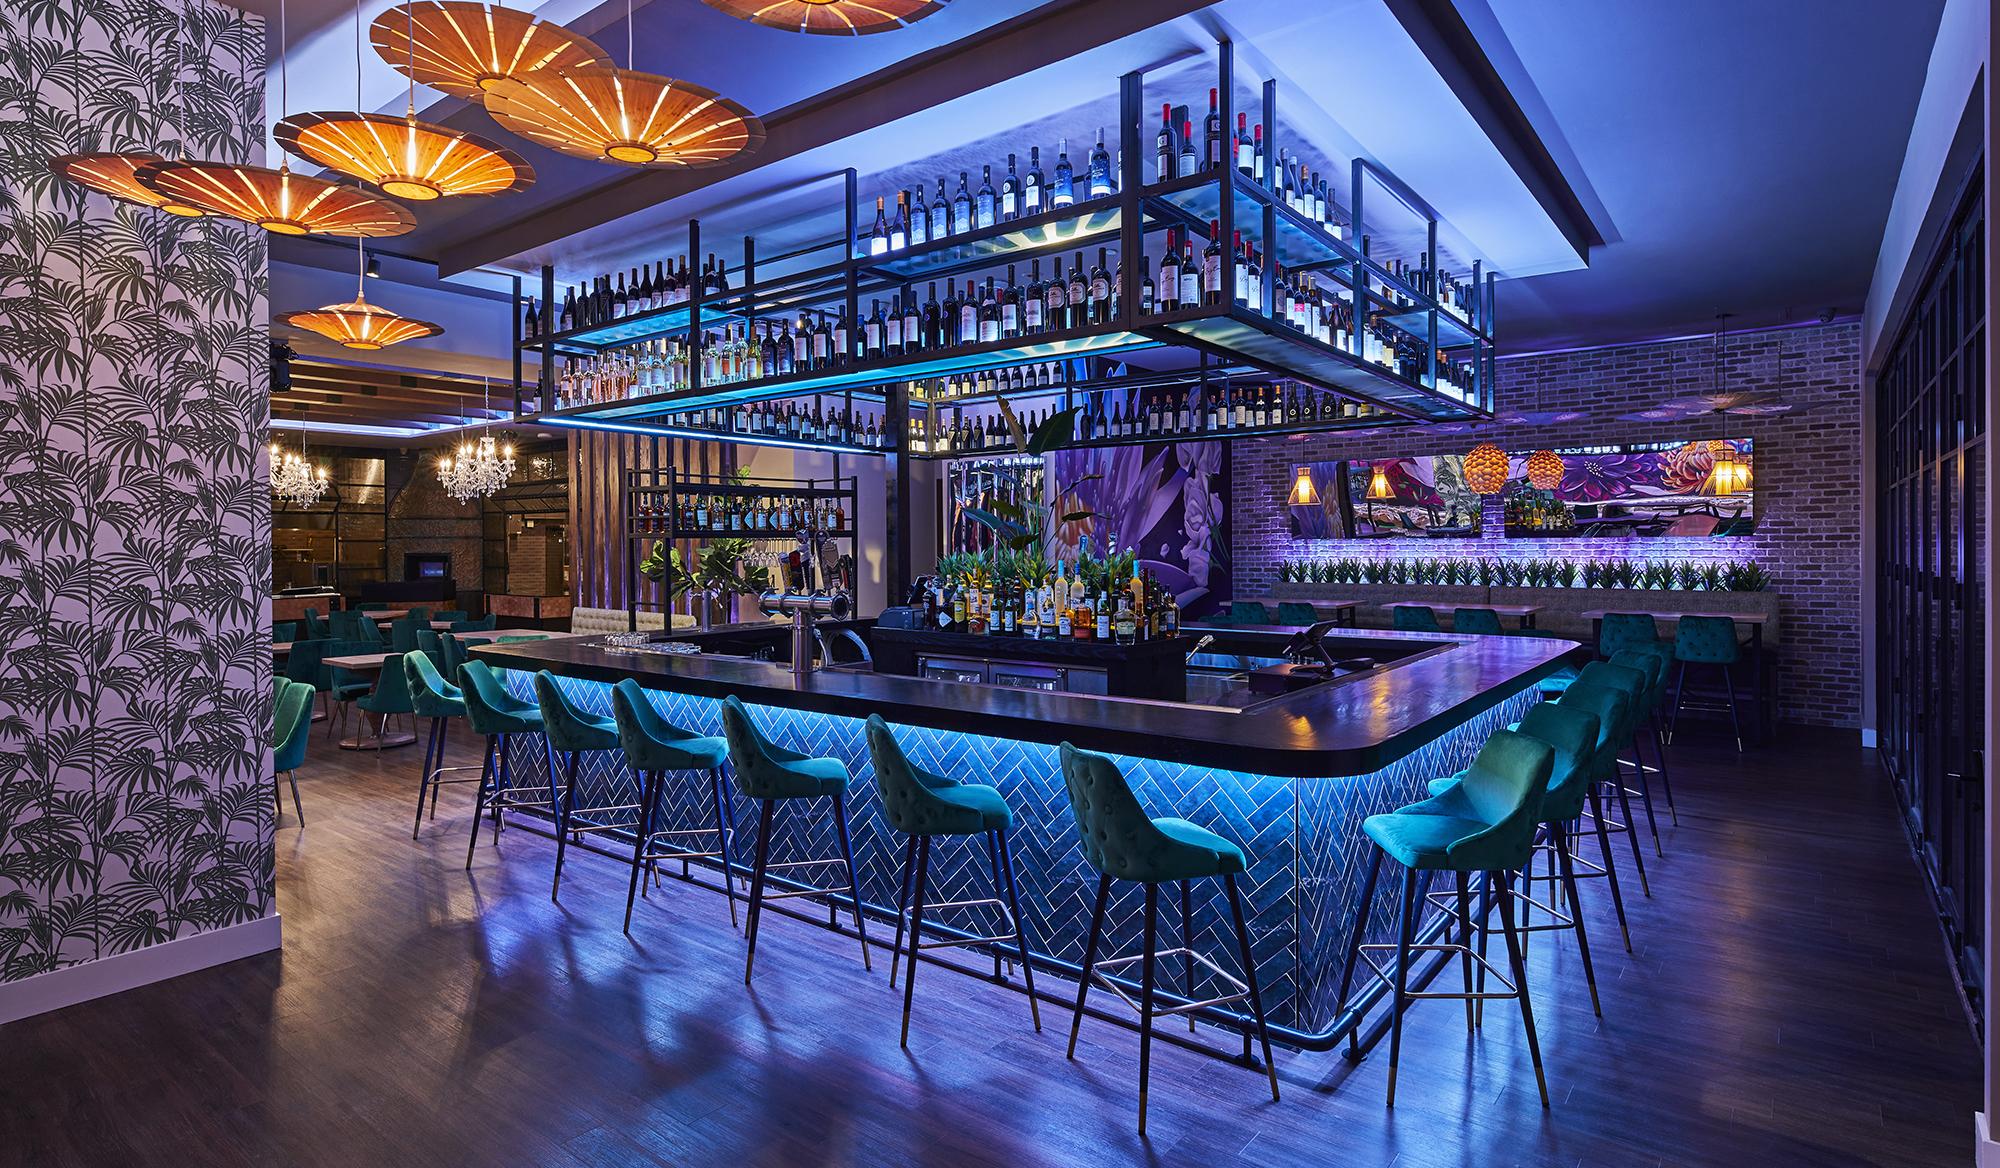 CH'I Brickell - Miami FL - Chino Latino Chinese Latino Cuisine